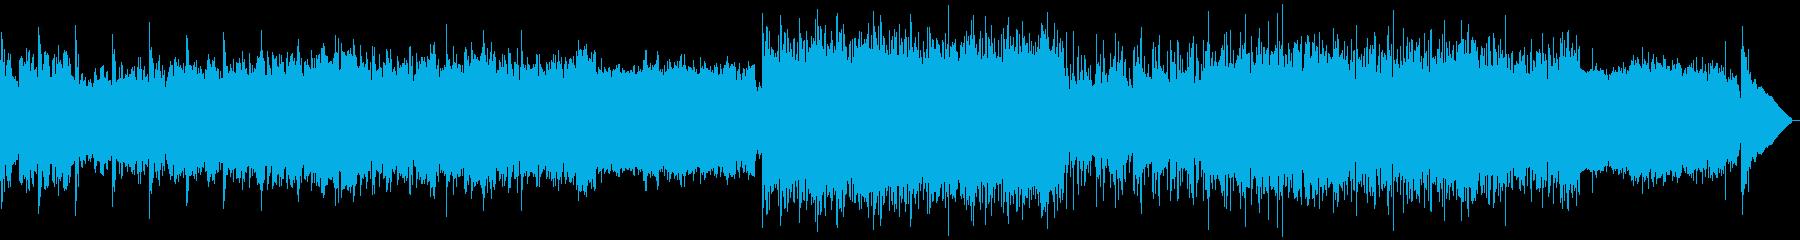 ニューエイジ研究所きらめく催眠隆起。の再生済みの波形